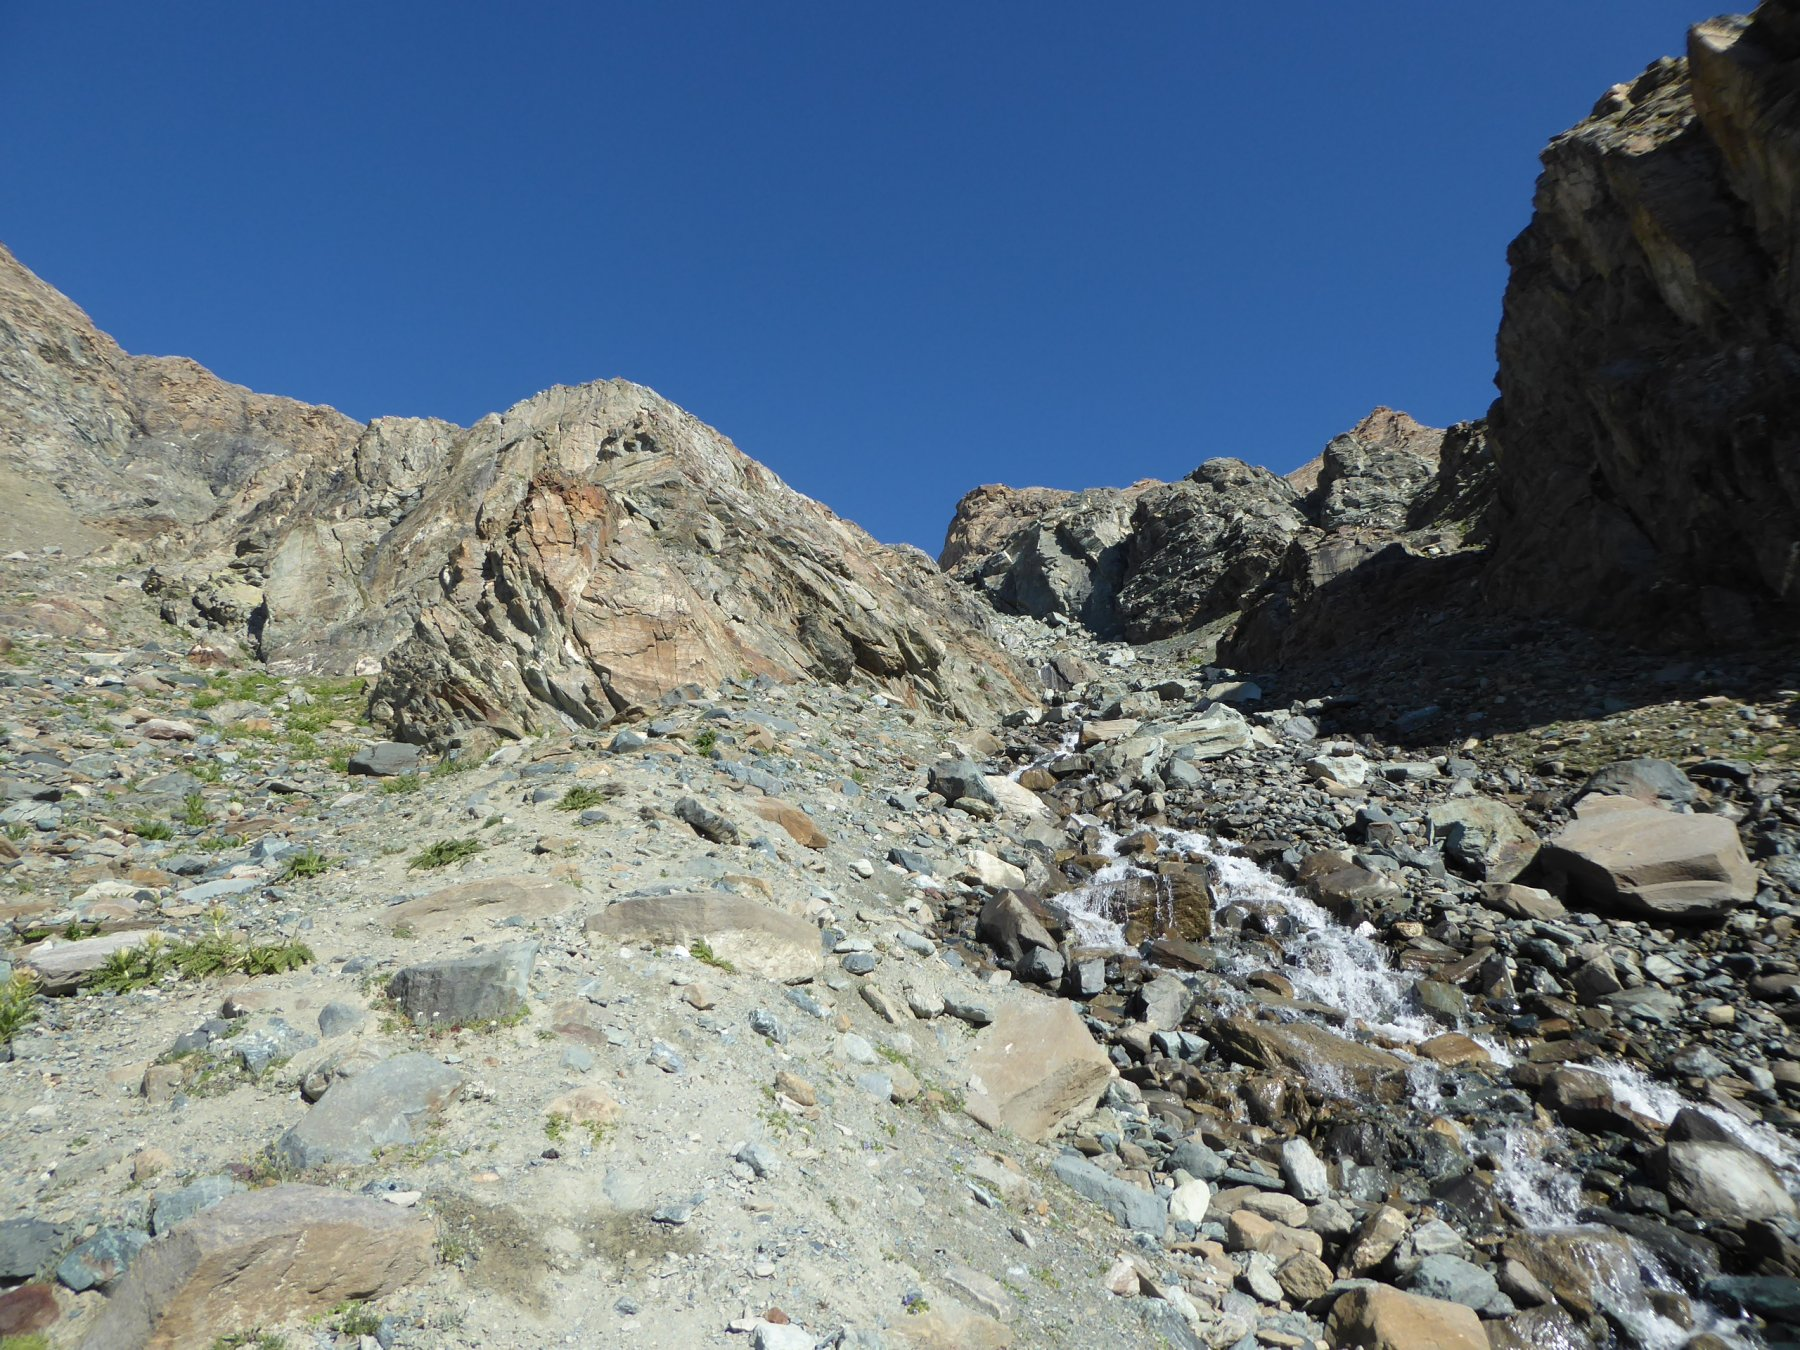 bivio a 2900 metri salendo: prendere il canalone di sinistra